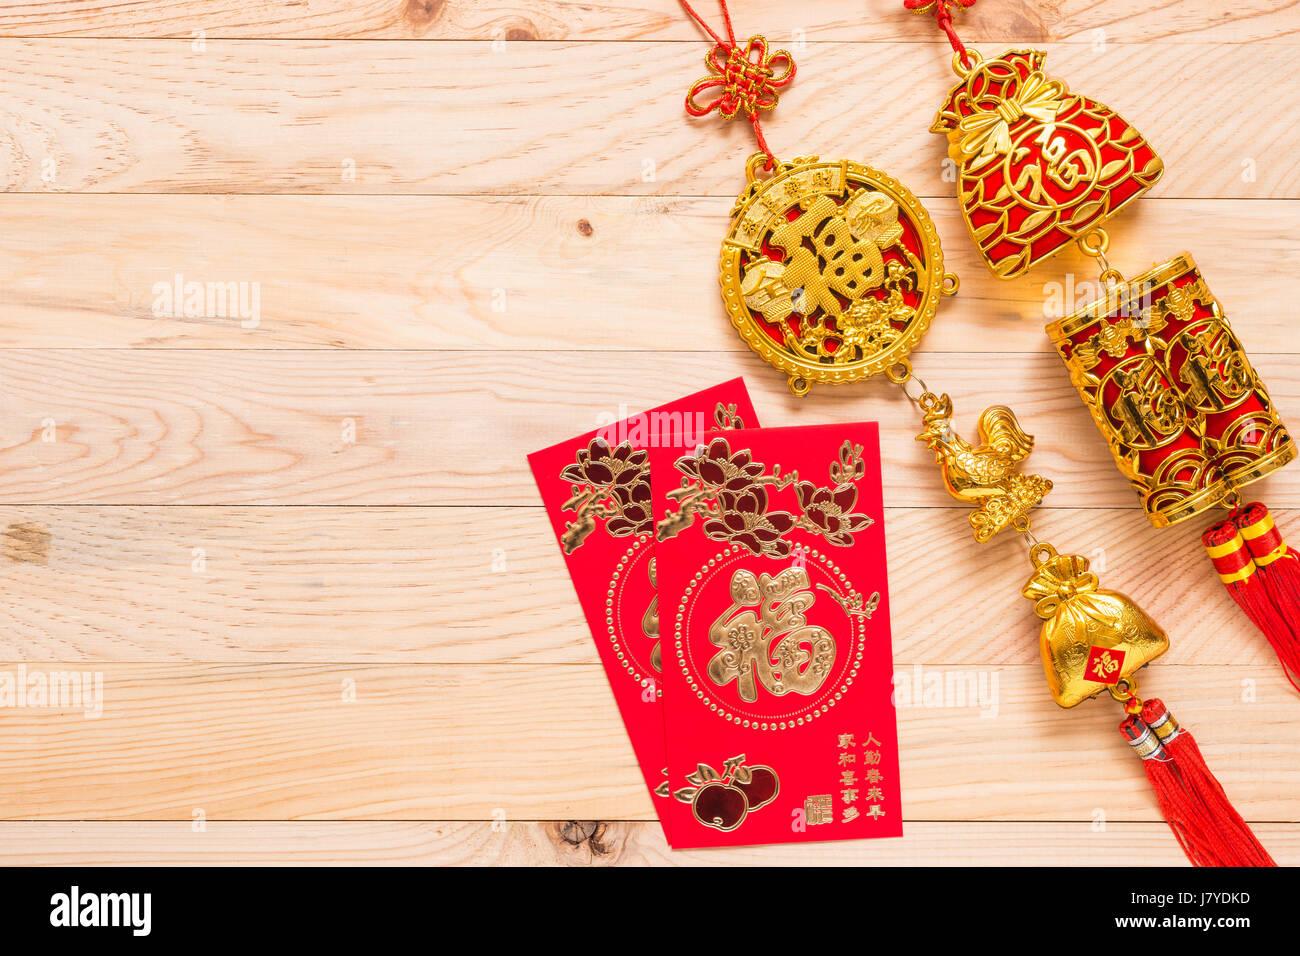 Englisch Neujahrsgrusse Stockfotos Englisch Neujahrsgrusse Bilder